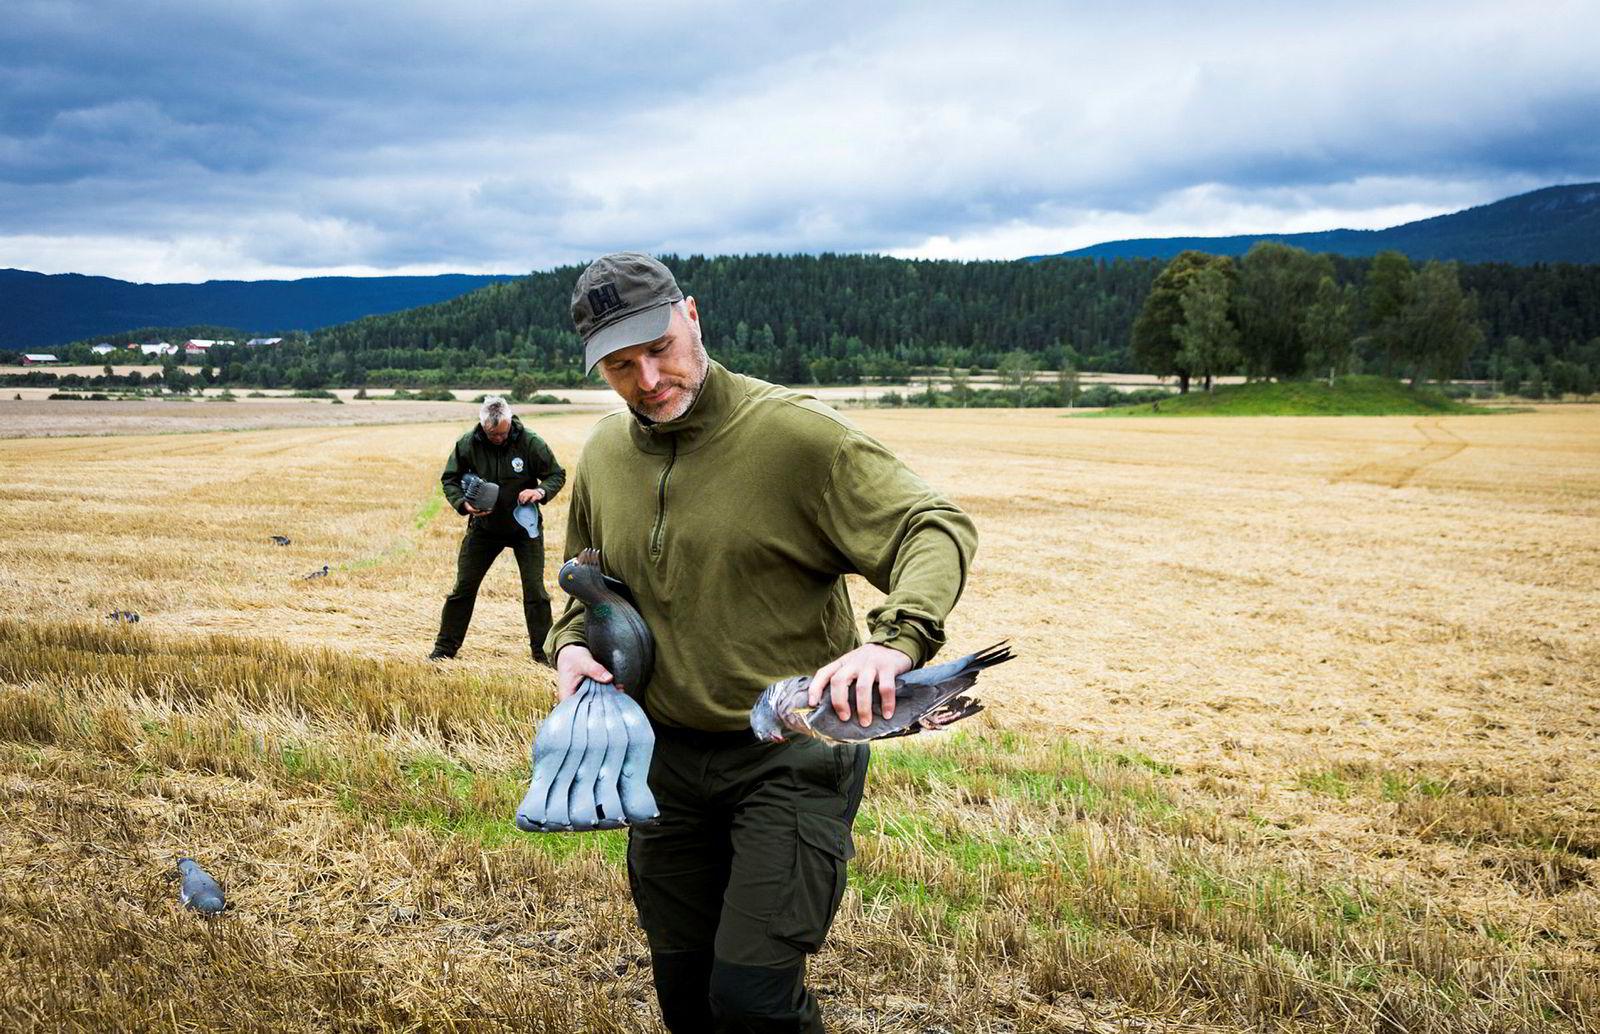 Elling Tryterud (foran) og Tor Thomassen plukker opp både lokkeduer og en felt due etter avsluttet jakt. I bakgrunnen gravhaugen der Halvdan Svarte skal være gravlagt for snart 1200 år siden.